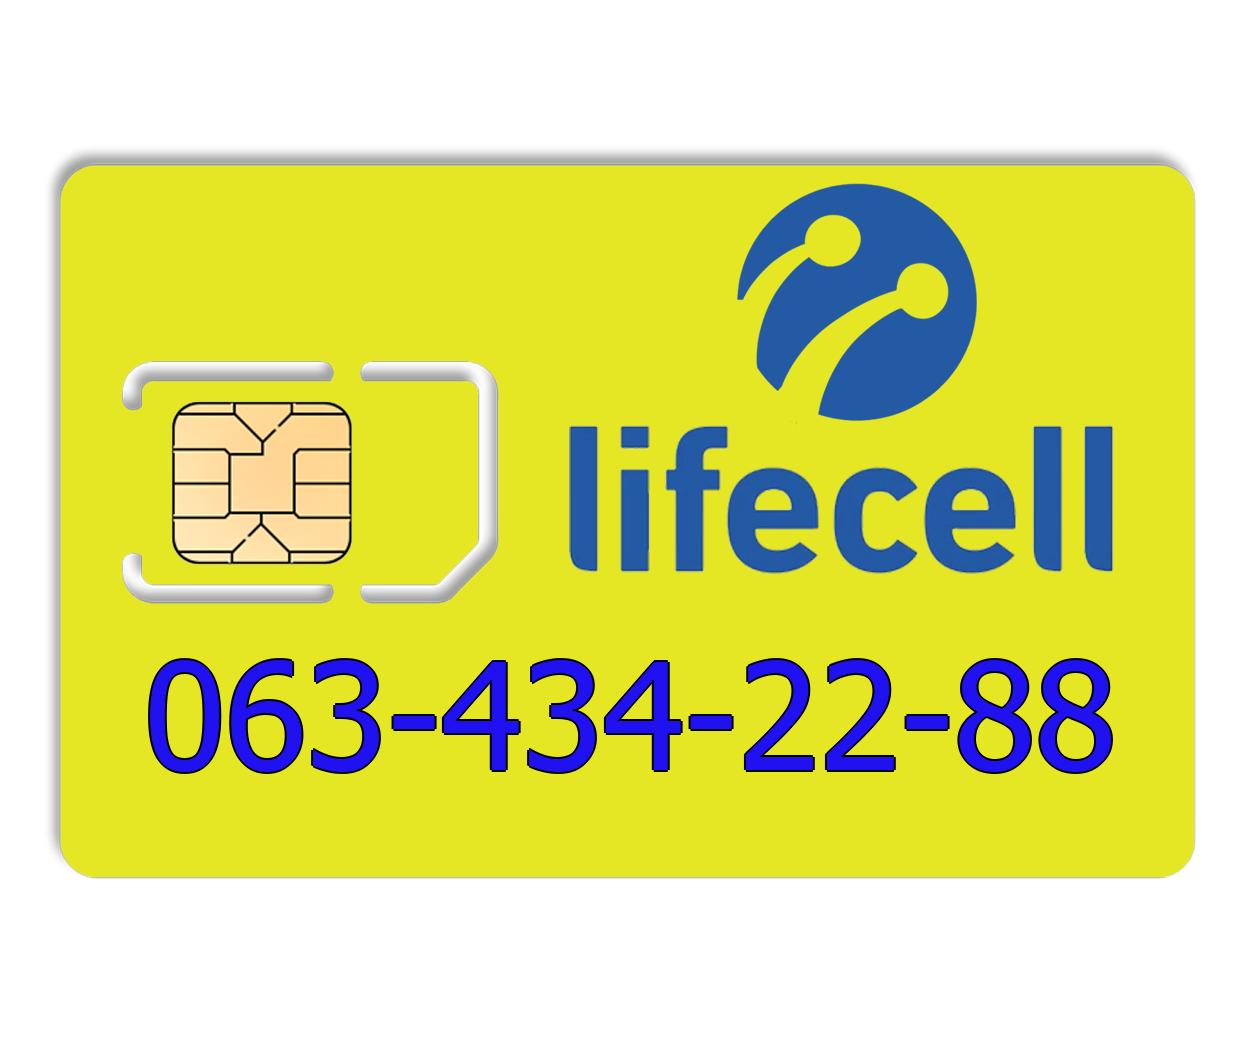 Красивый номер lifecell 063-434-22-88